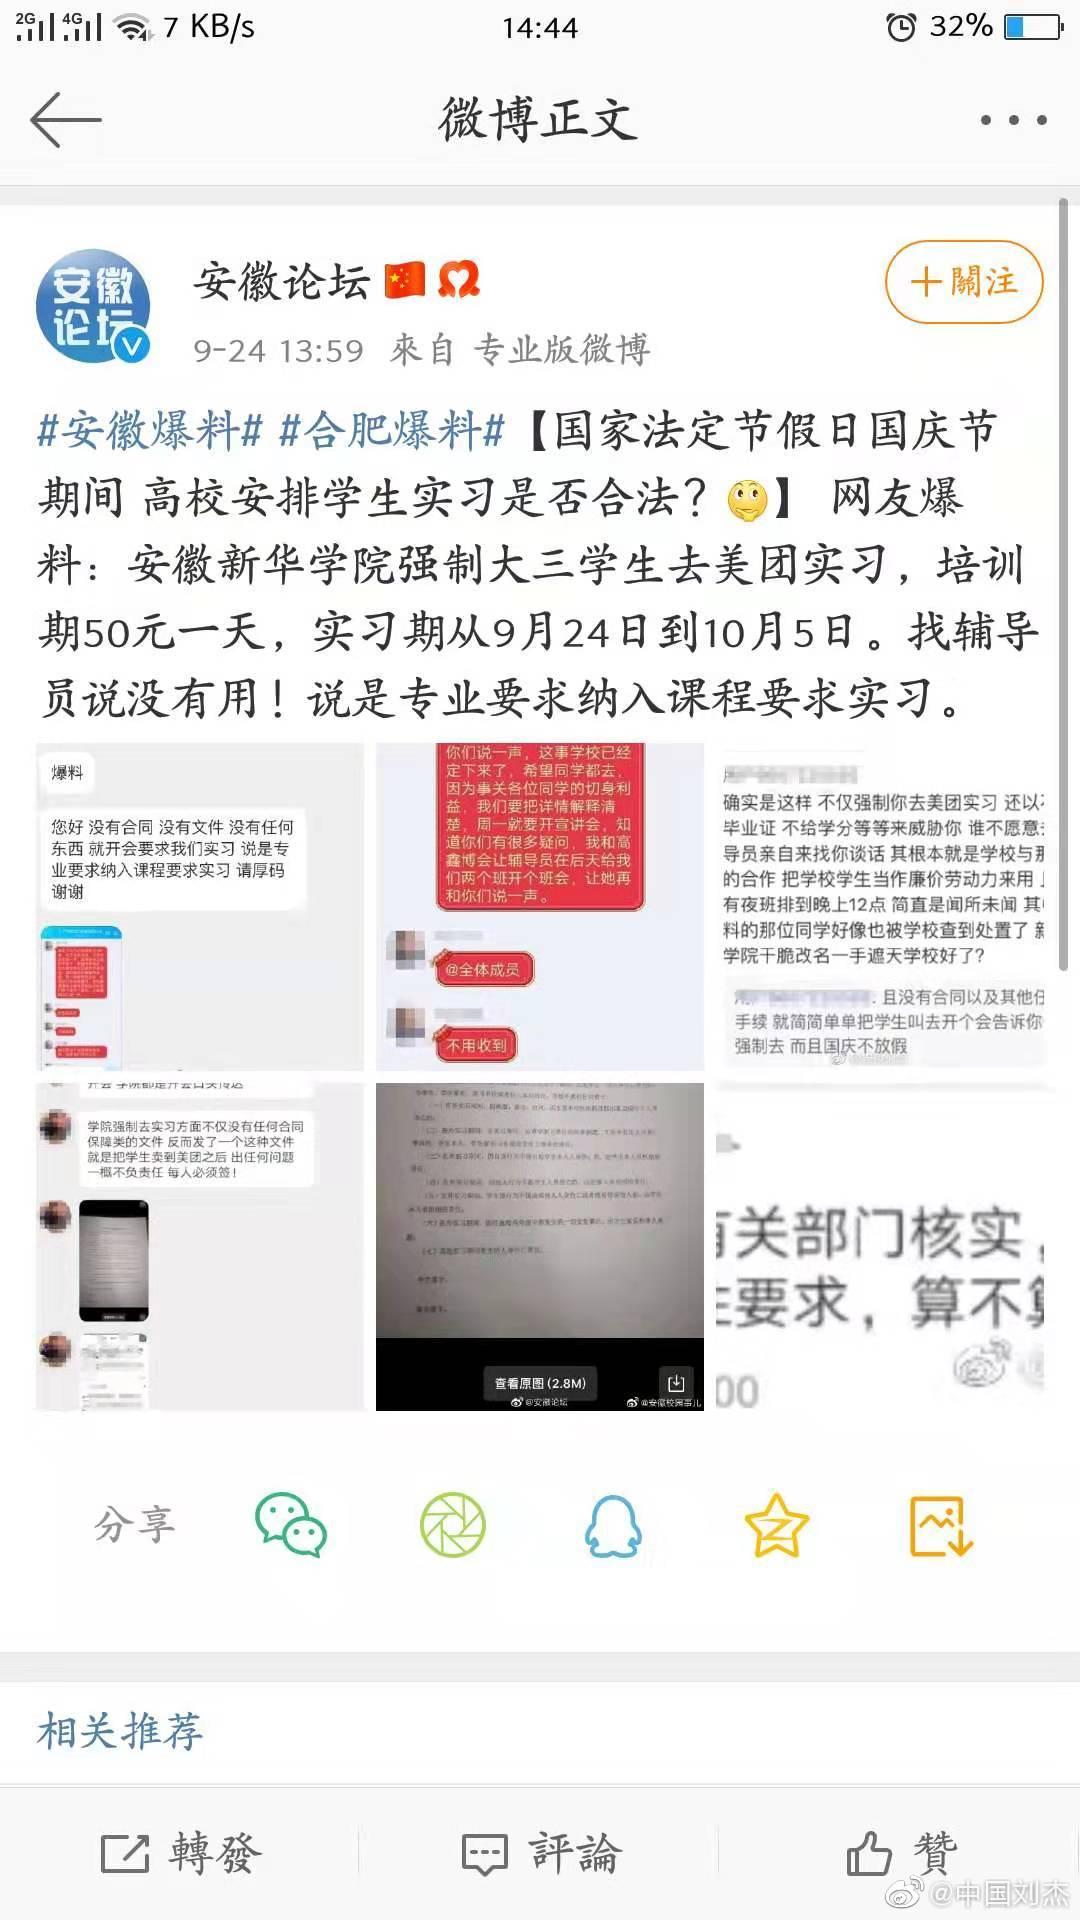 网友:安徽一高校国庆节期间强制安排学生去美团实习,一天50元!